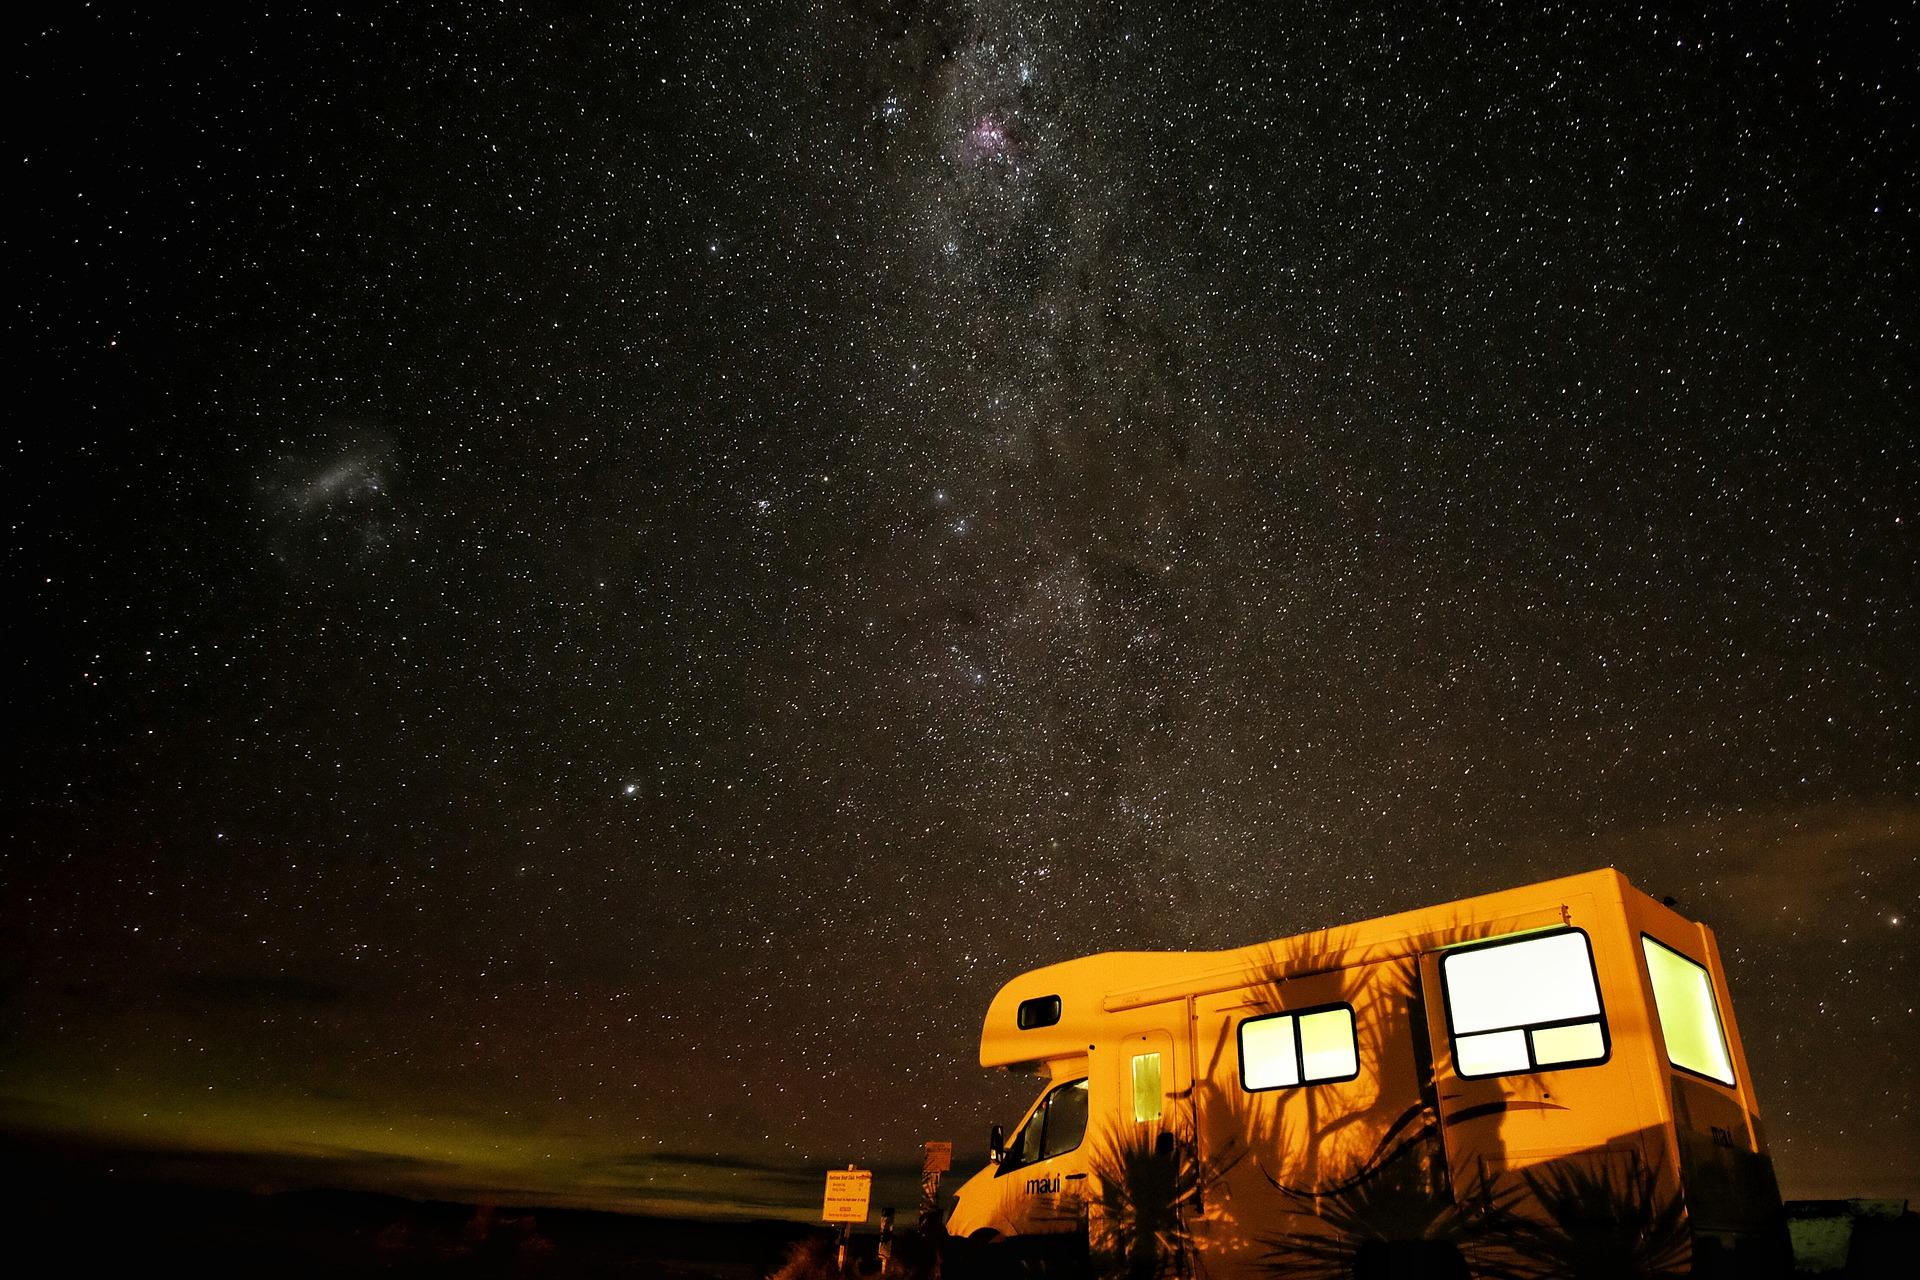 noleggio camper usa cielo stellato